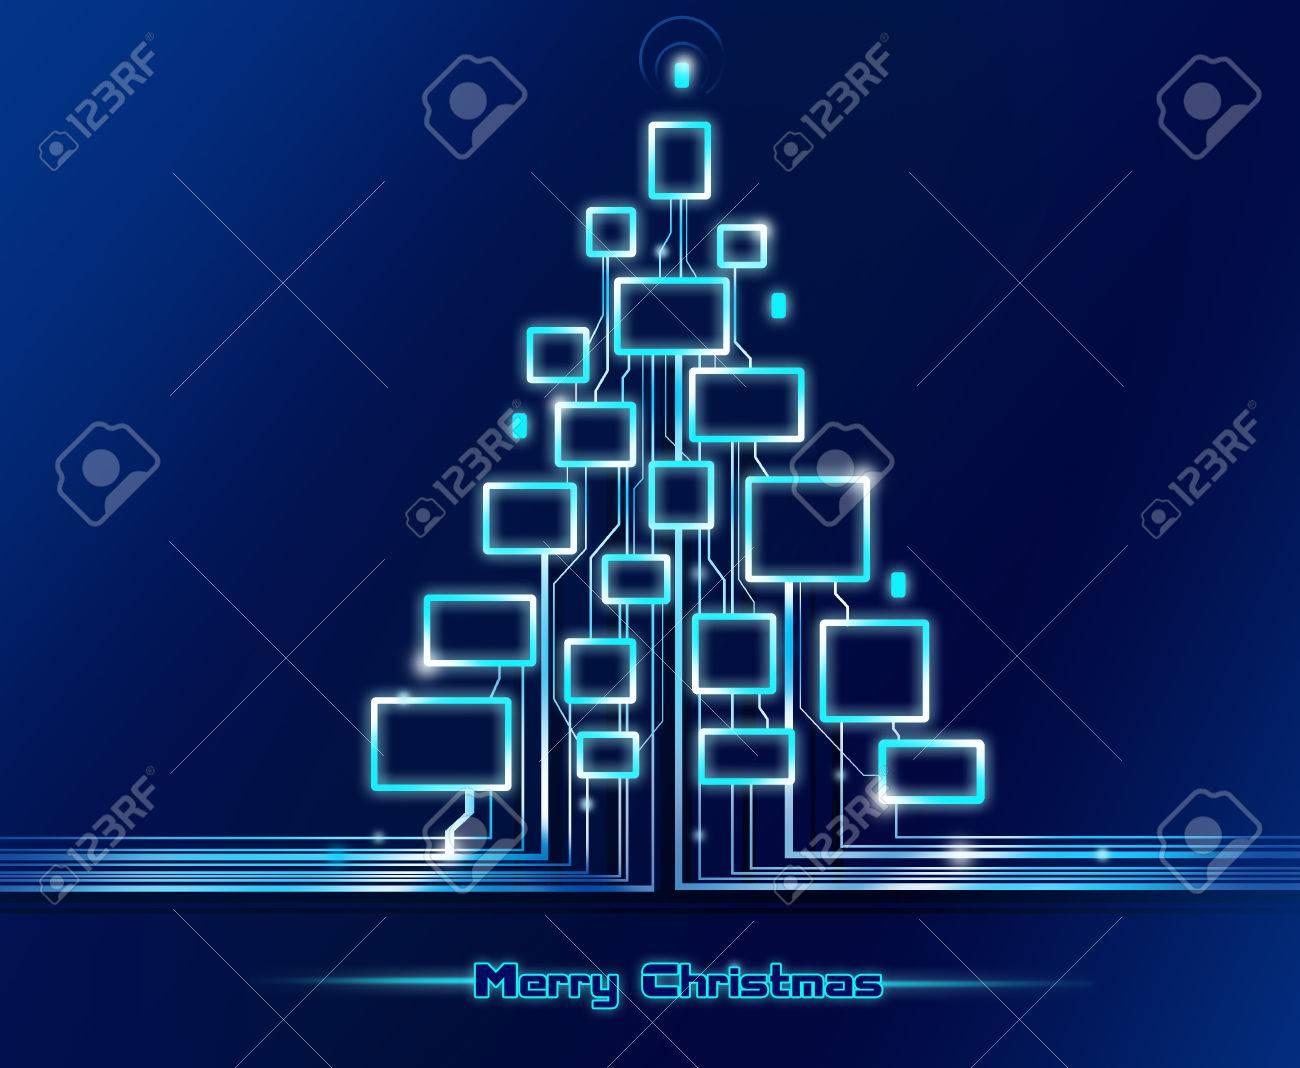 Joyeux Noel Techno.Joyeux Noel Techno Fond Bleu